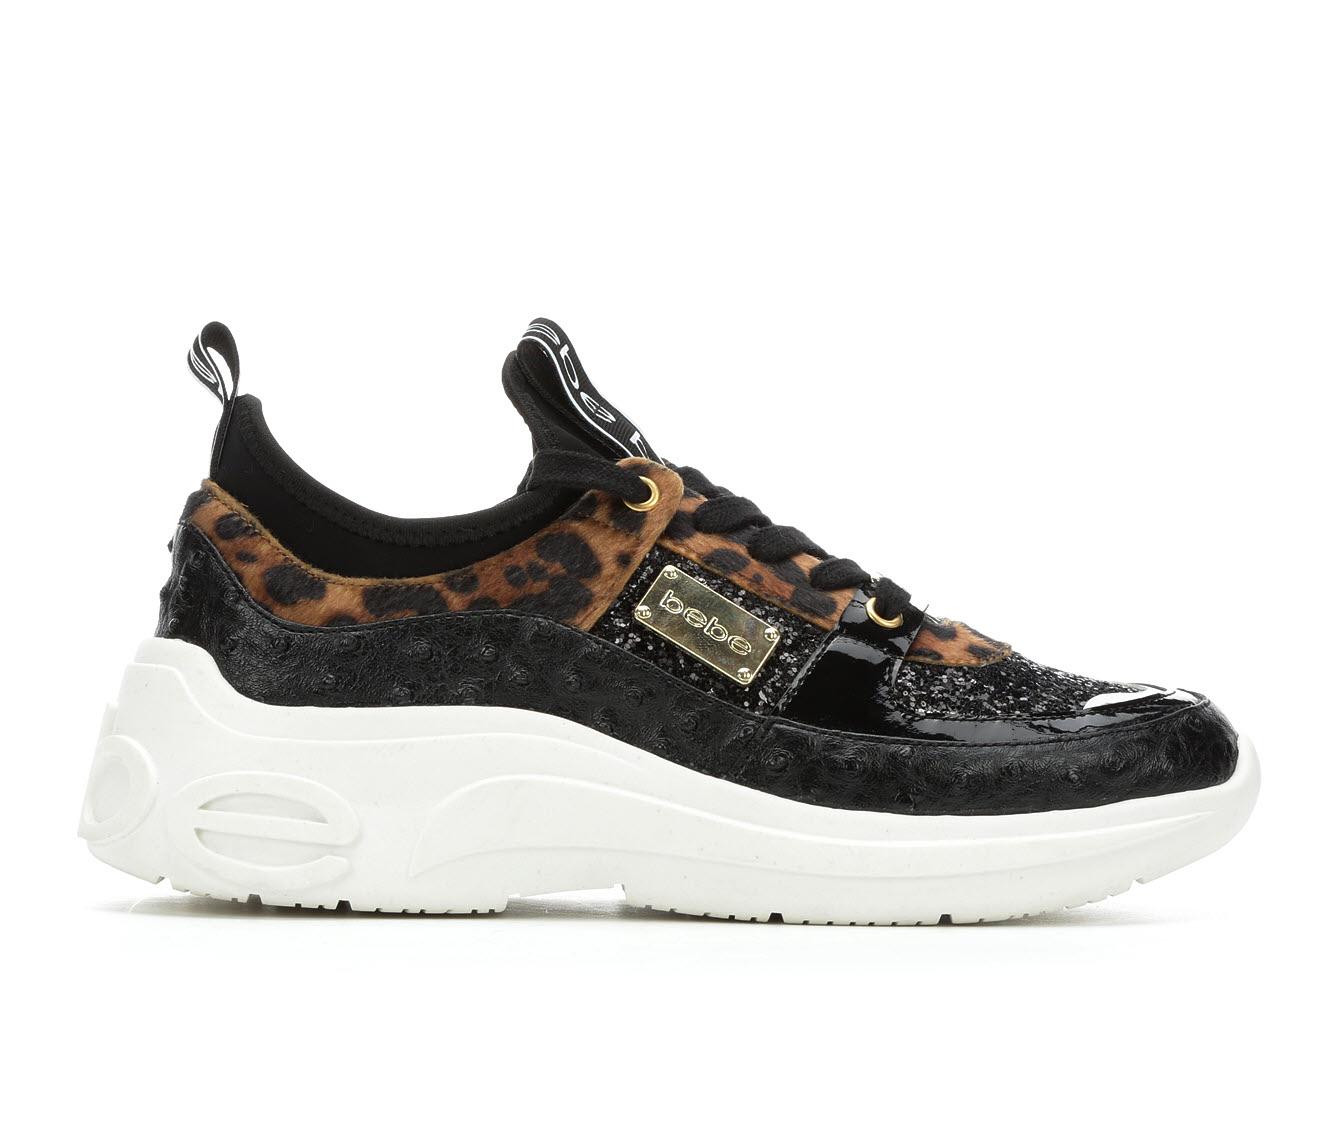 Bebe Sport LeaLea Women's Shoe (Multi-color Faux Leather)